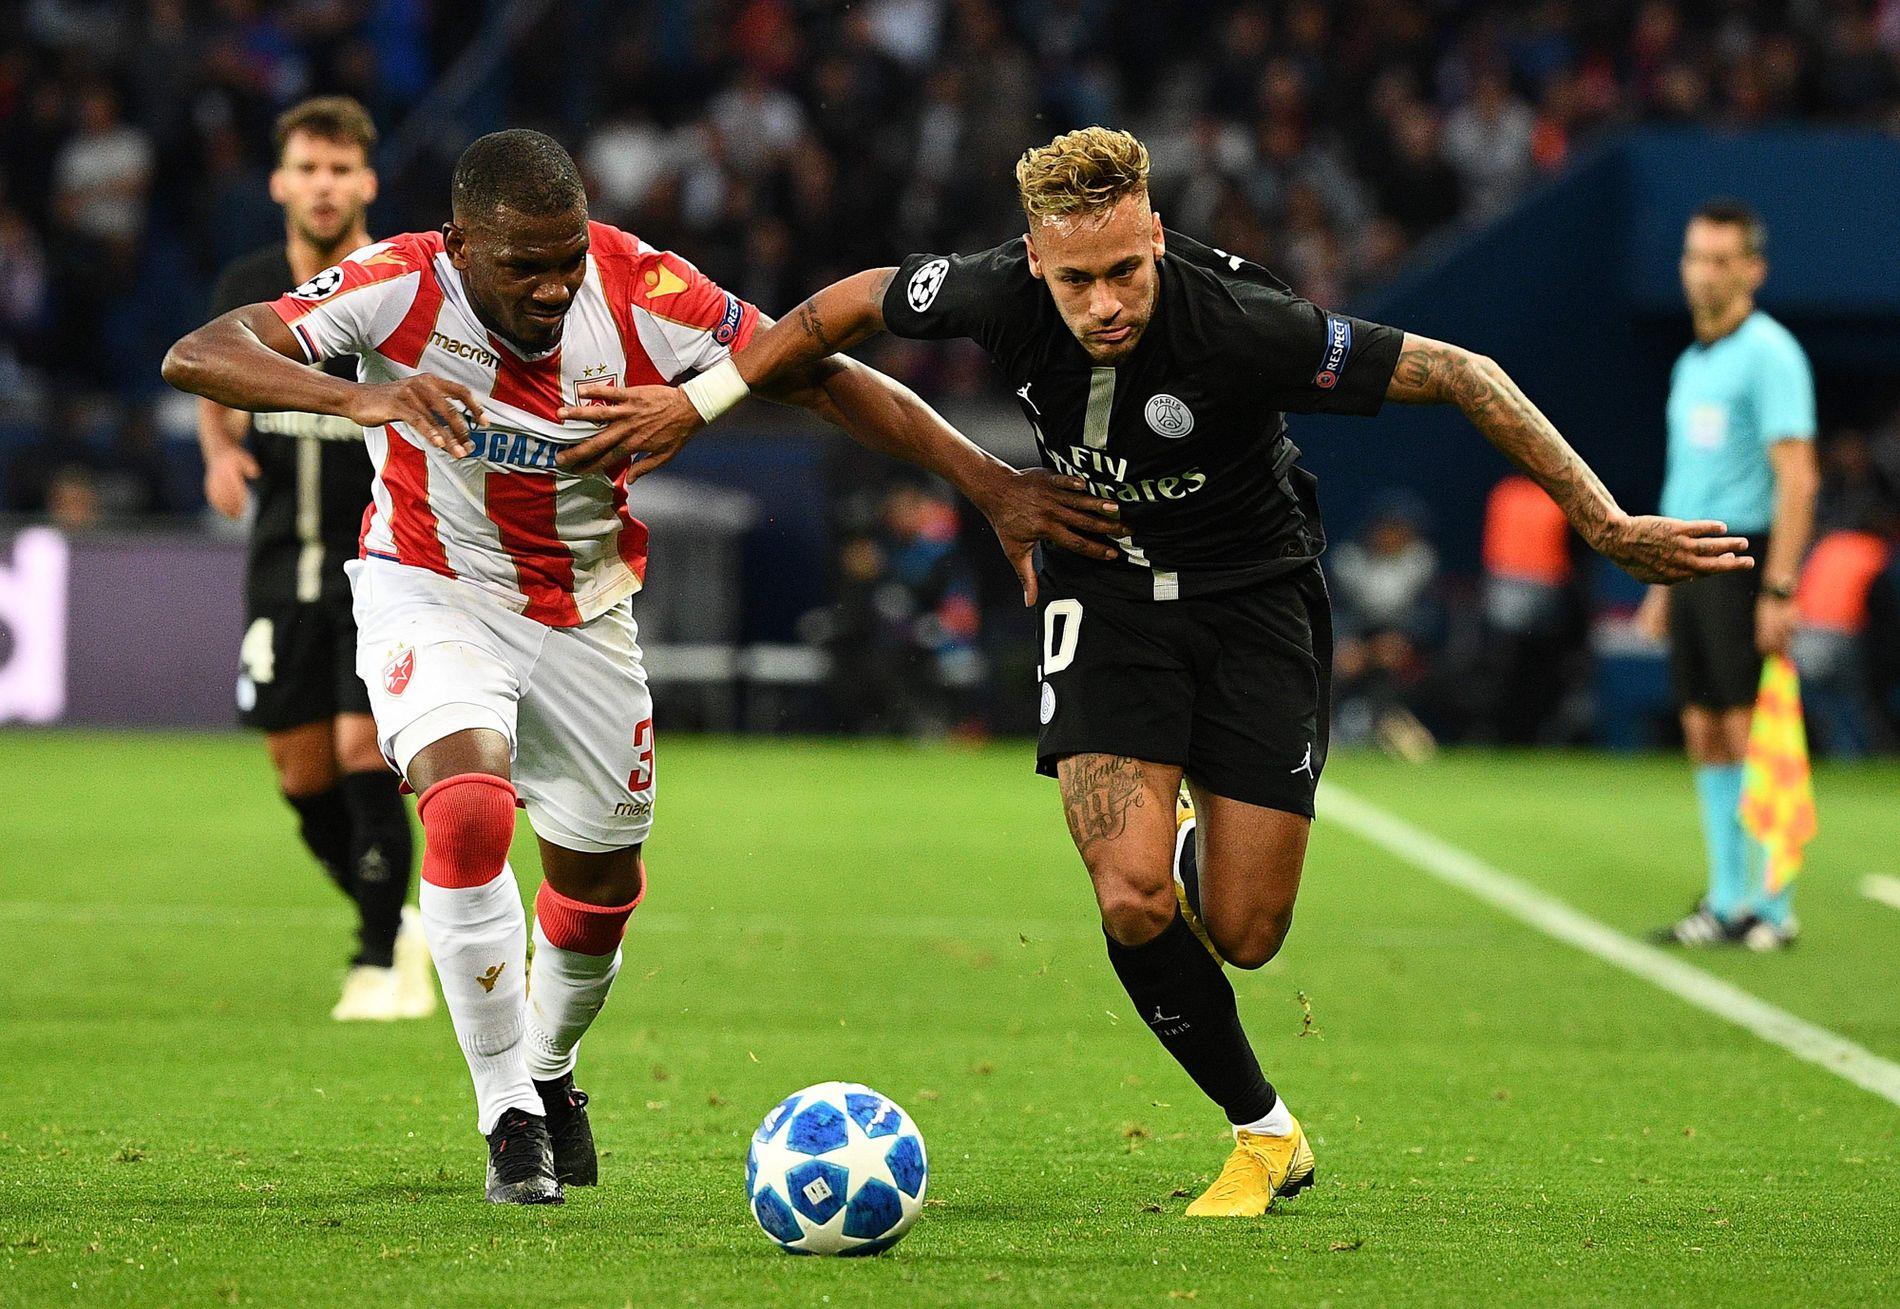 HERJET: Neymar herjet mot Røde Stjerne, i en kamp der han blant annet scoret to nydelige frispark-mål. Nå etterforskes kampen i frykt for kampfiksing.